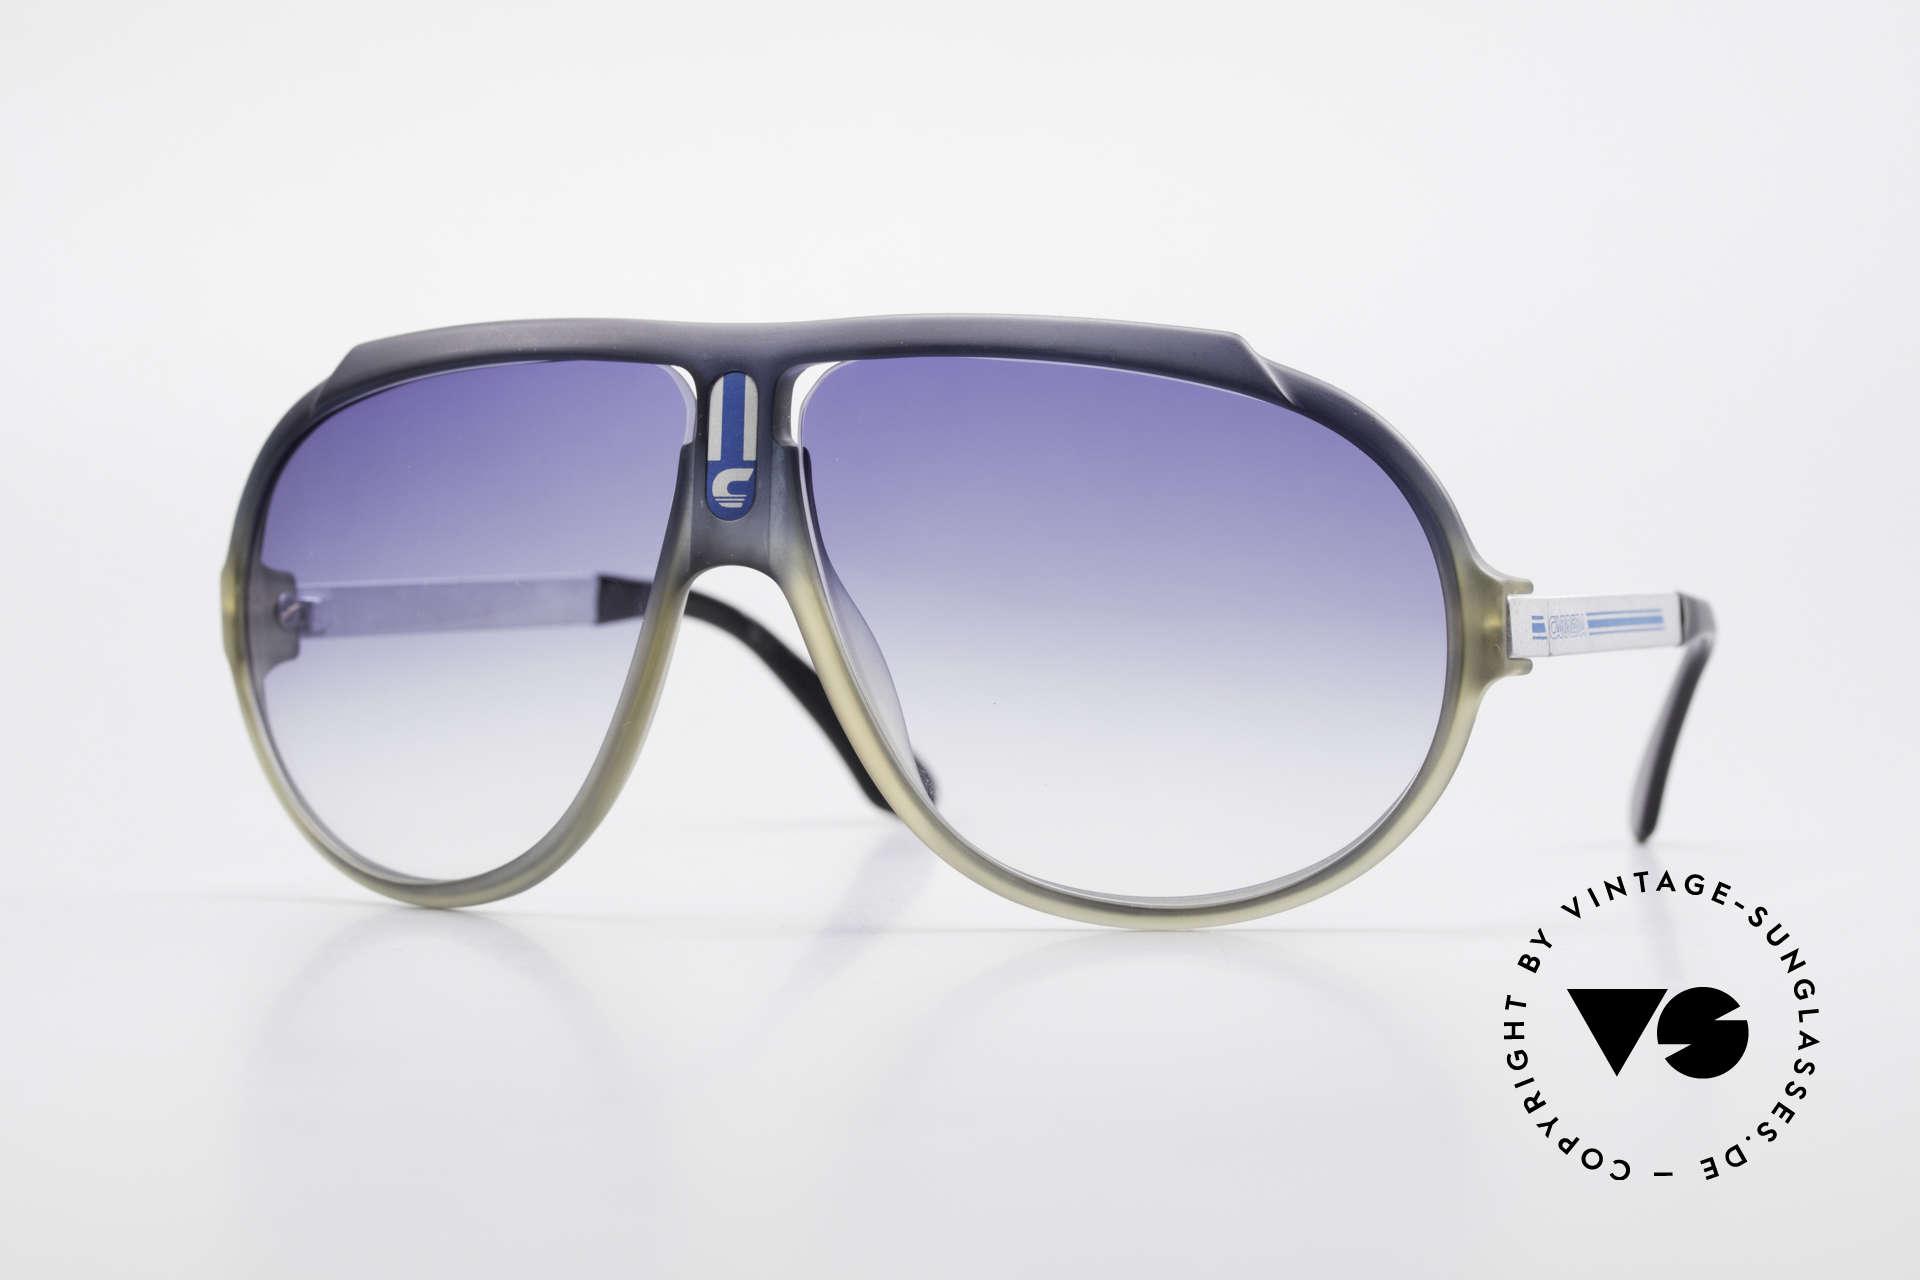 Carrera 5512 Miami Vice 80er Sonnenbrille, legendäre Carrera vintage Sonnenbrille in Top-Qualität, Passend für Herren